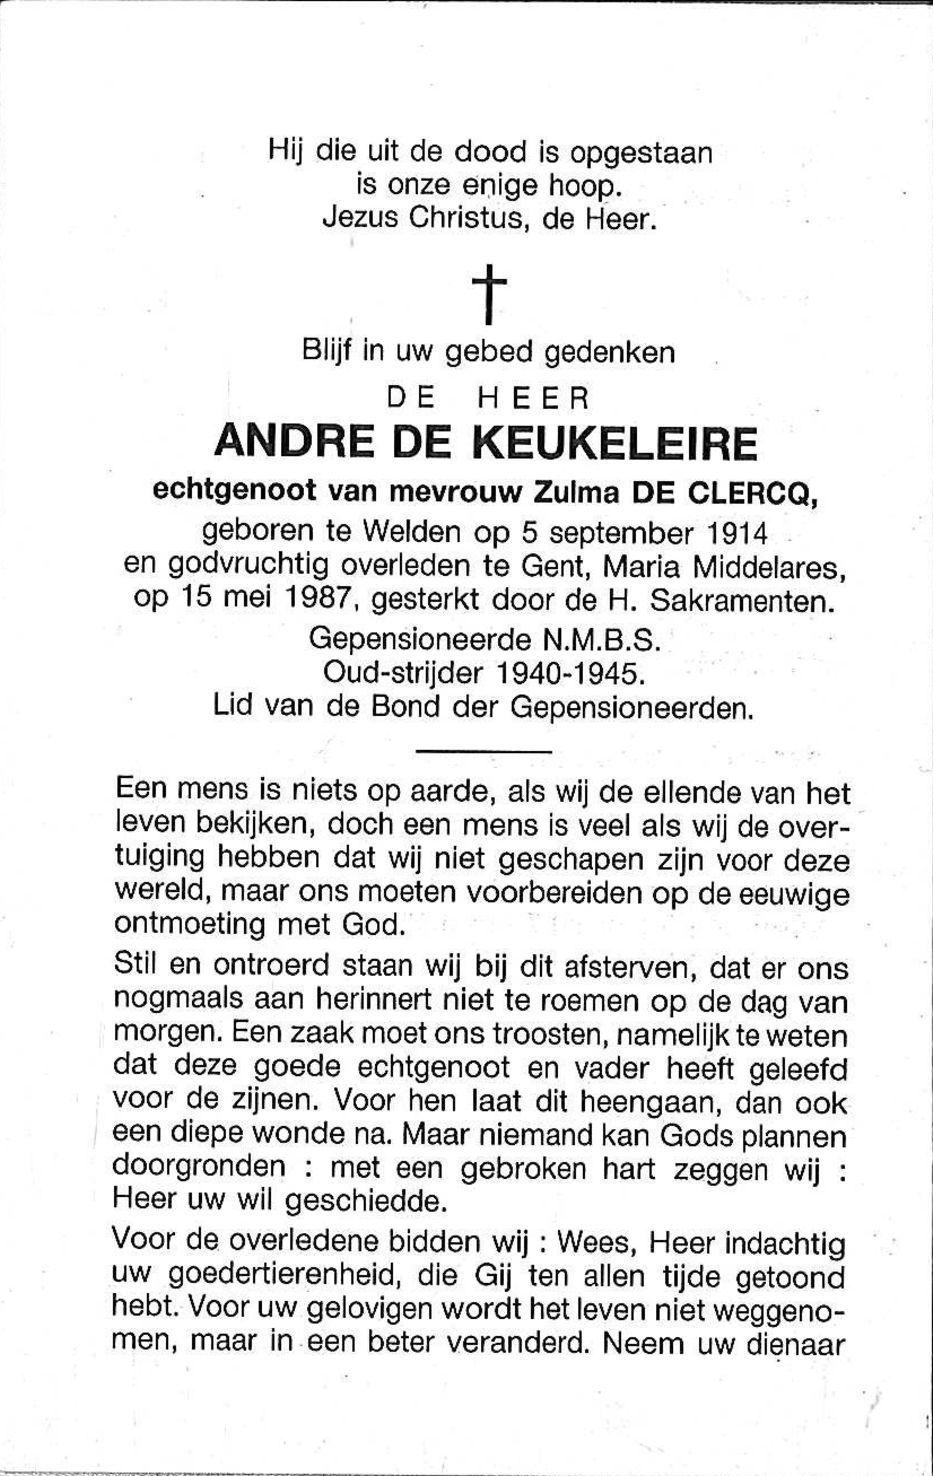 Andre De Keukeleire